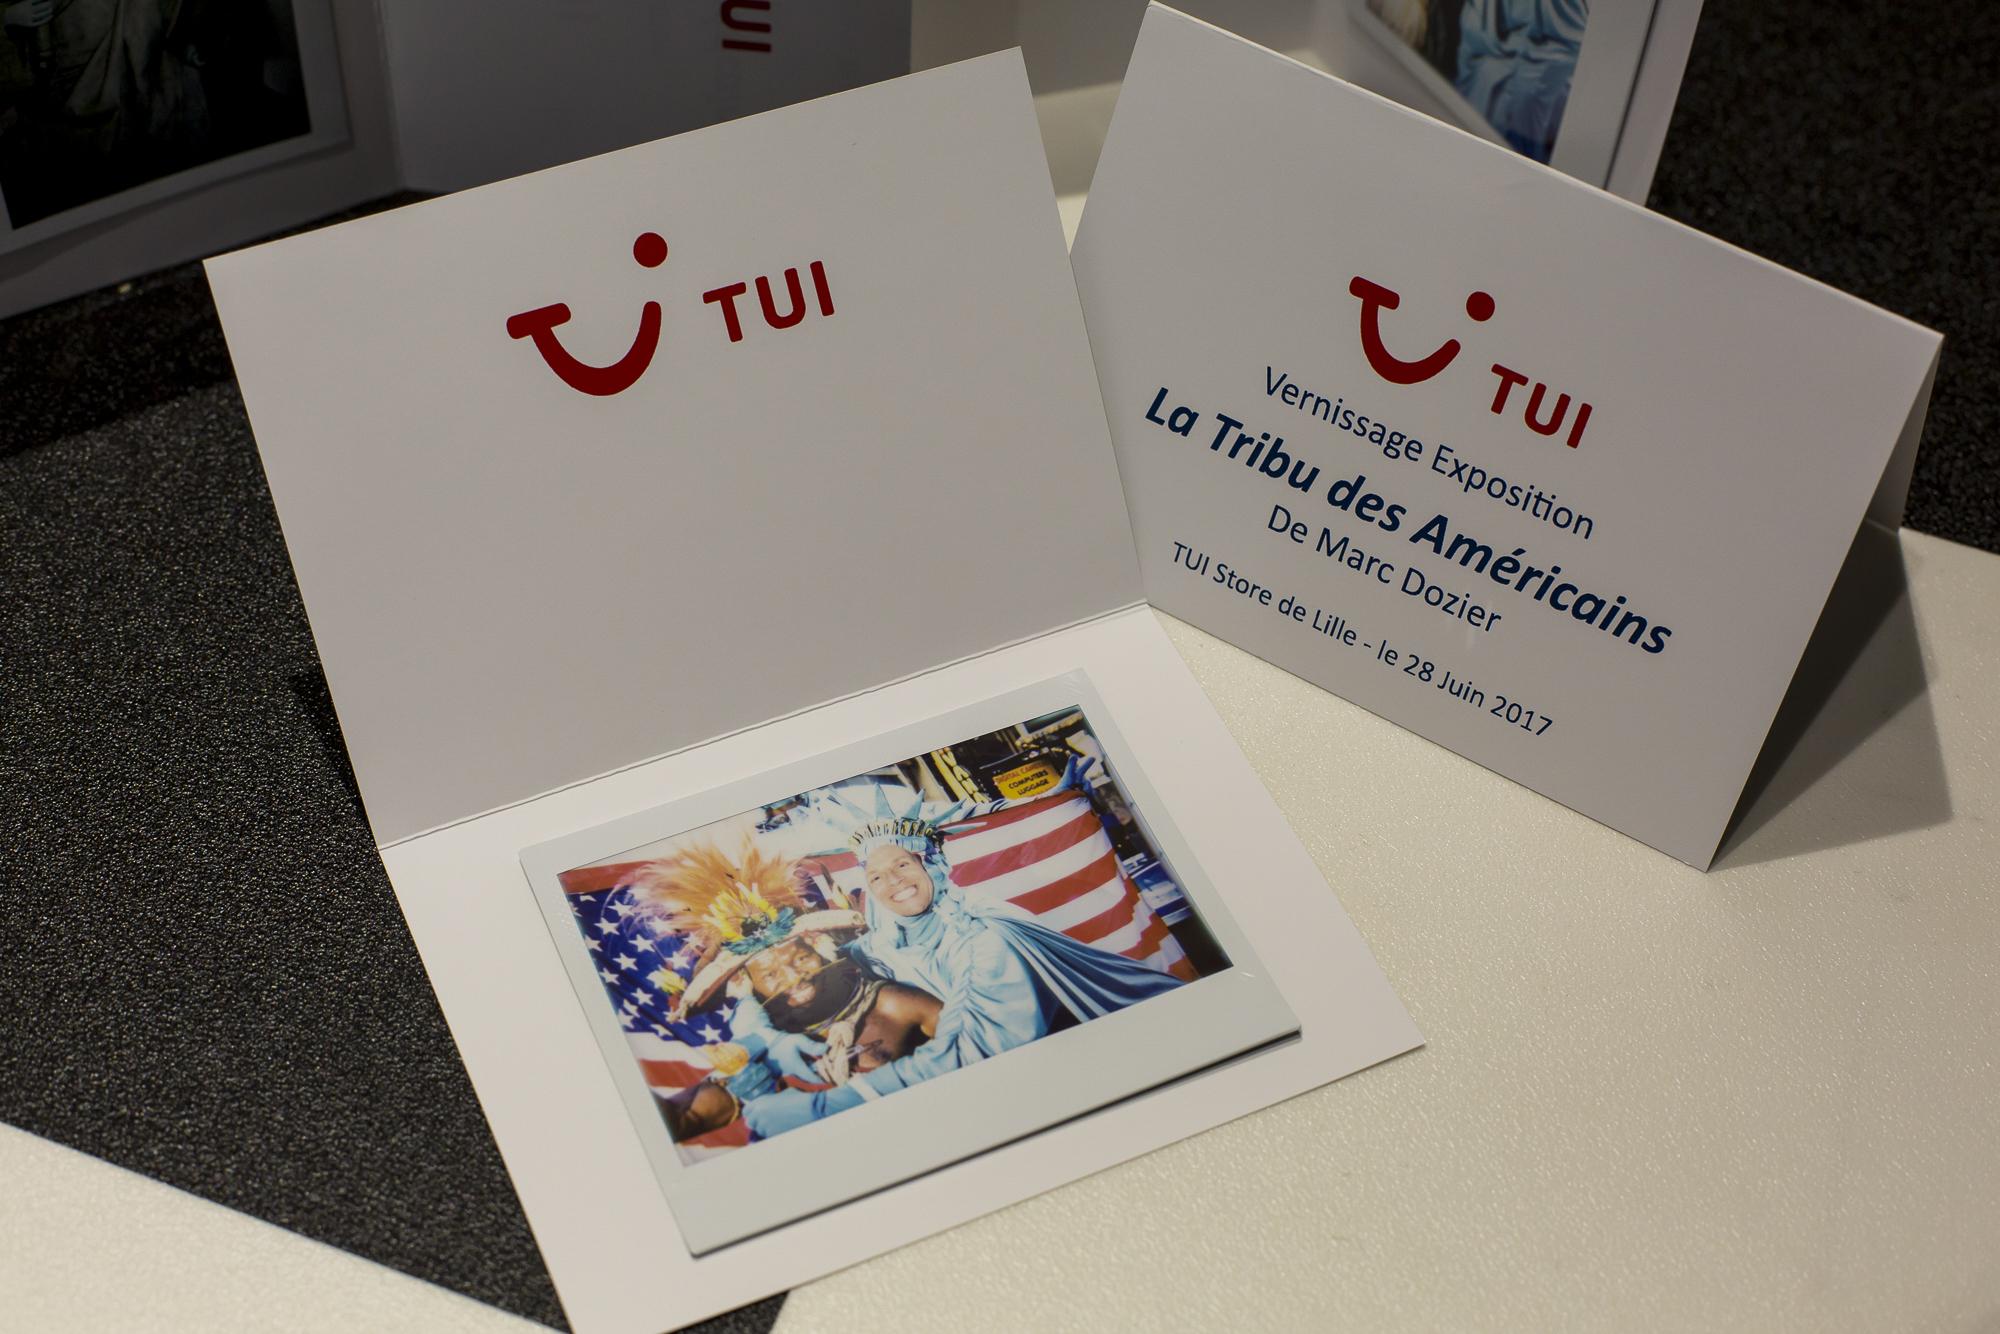 Tui_Lille-245